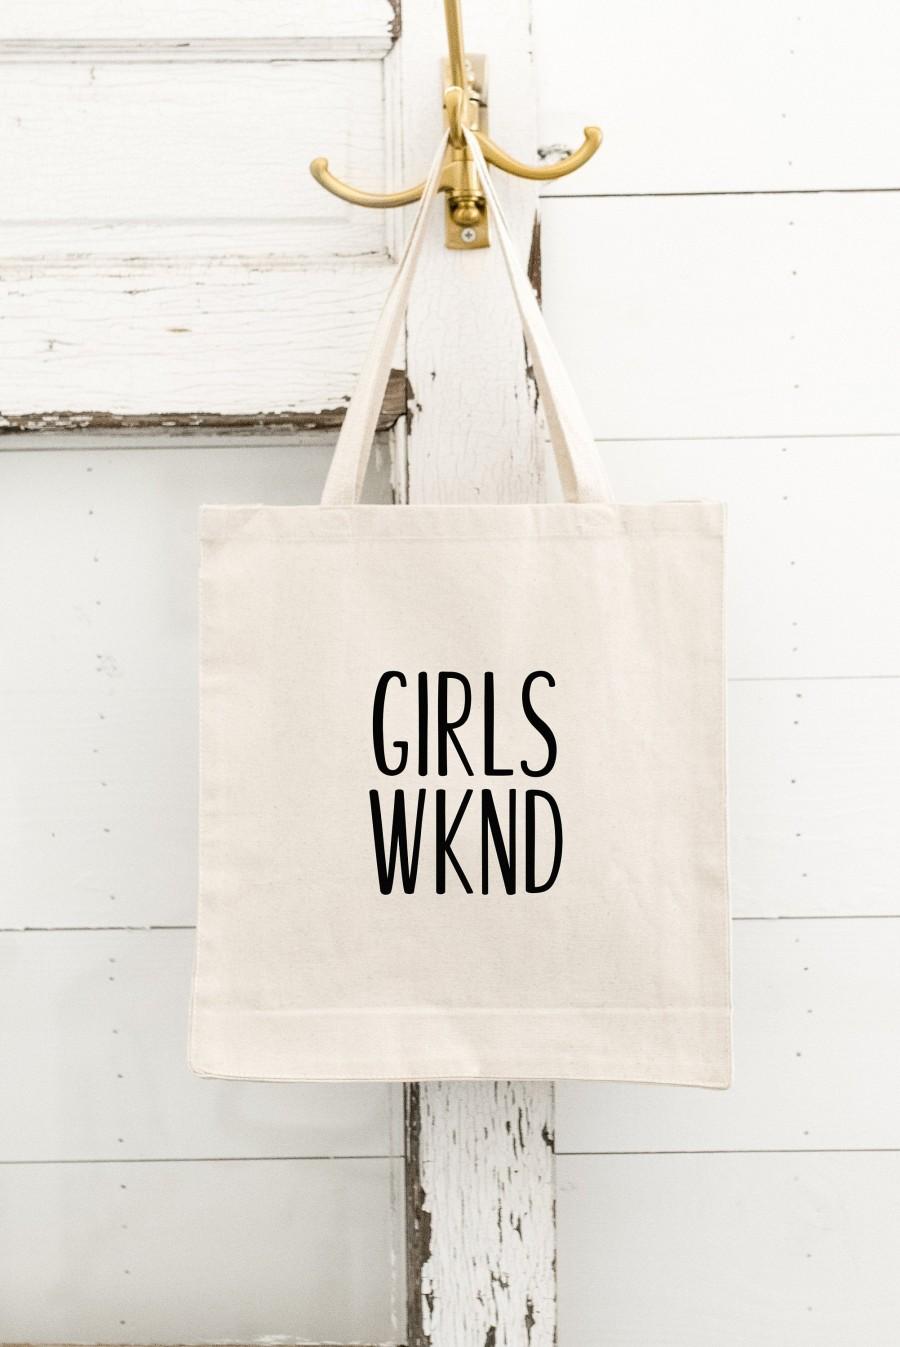 Свадьба - Girls Weekend Tote - Girls Wknd - Weekend Tote - Girls Getaway - Girls Trip - Gift - Tote Bag - Weekend Trip - Girls Weekend Gift